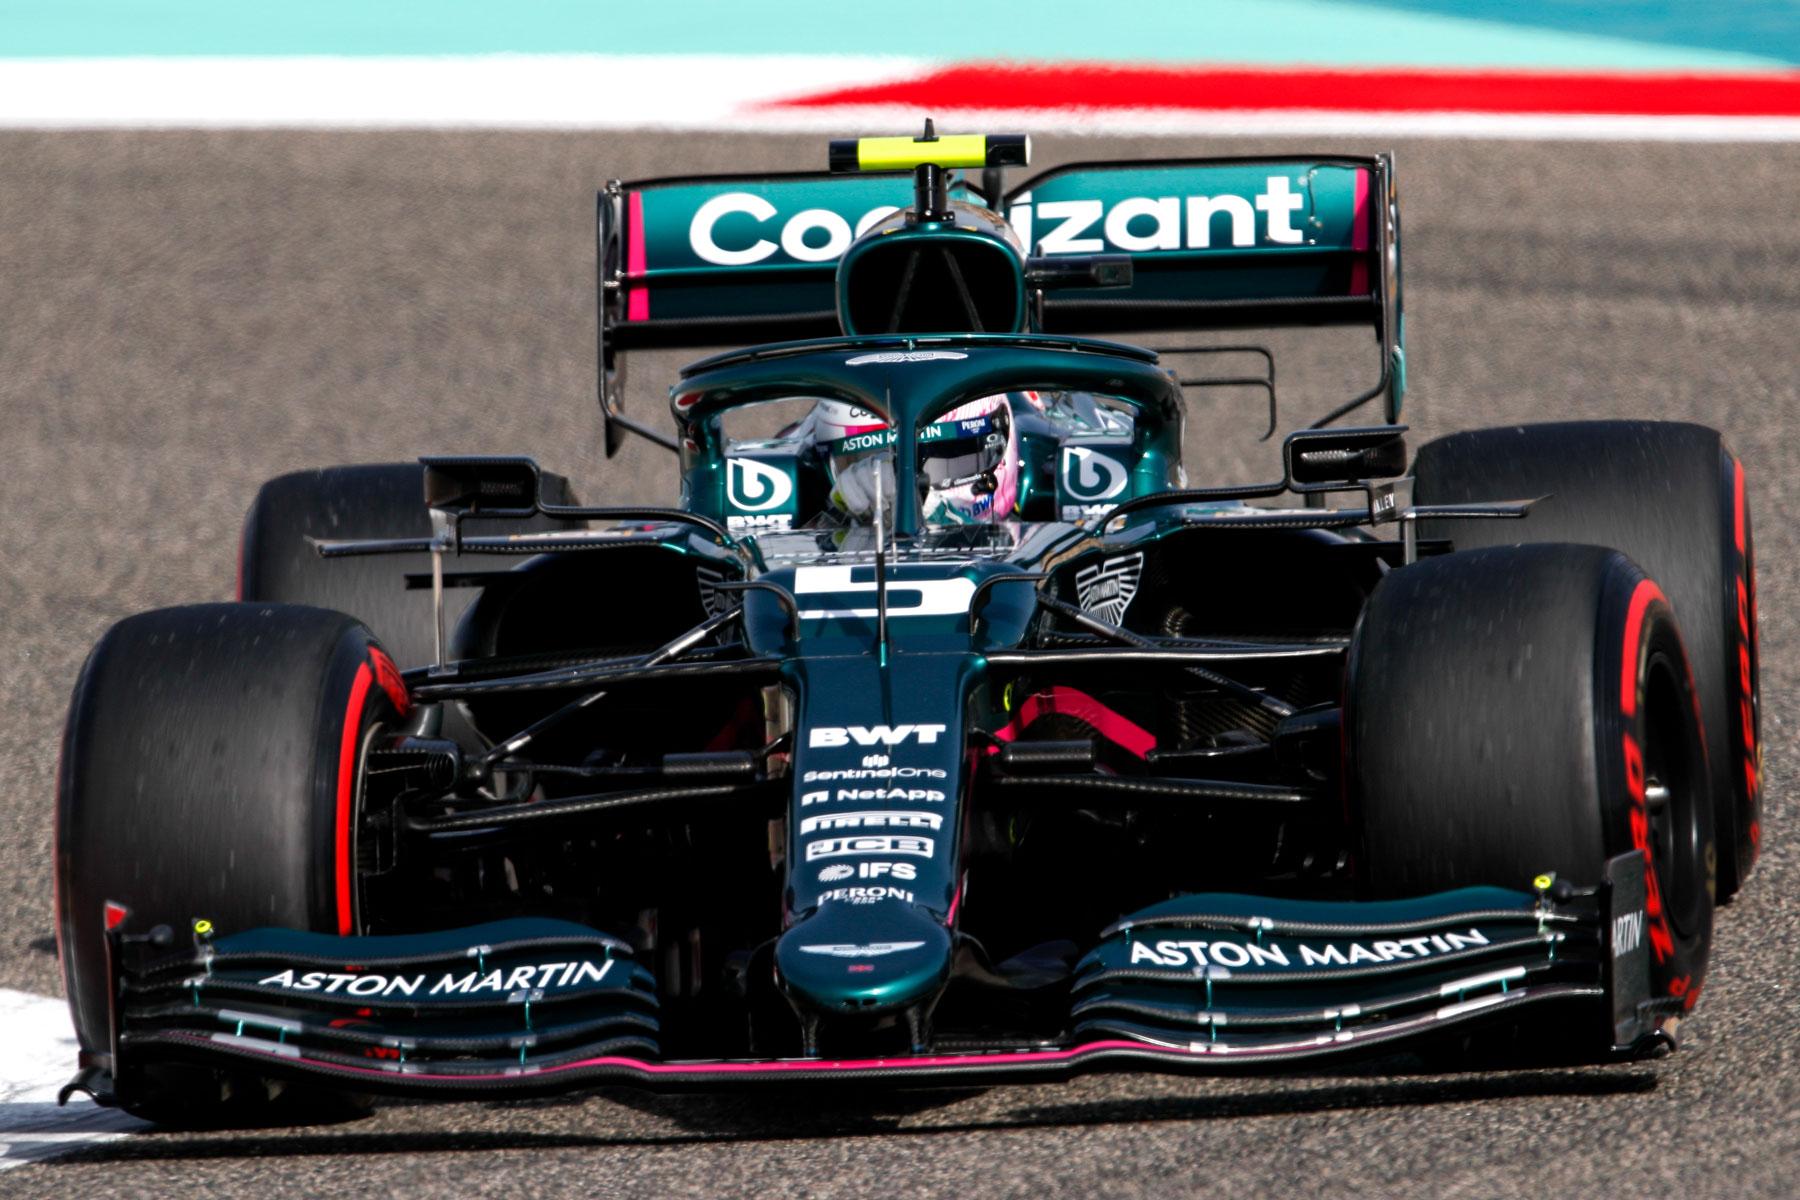 La Team Aston Martin Cognizant Formula One passe à la Vitesse supérieure et accélère son développement dans le HPC avec Altair